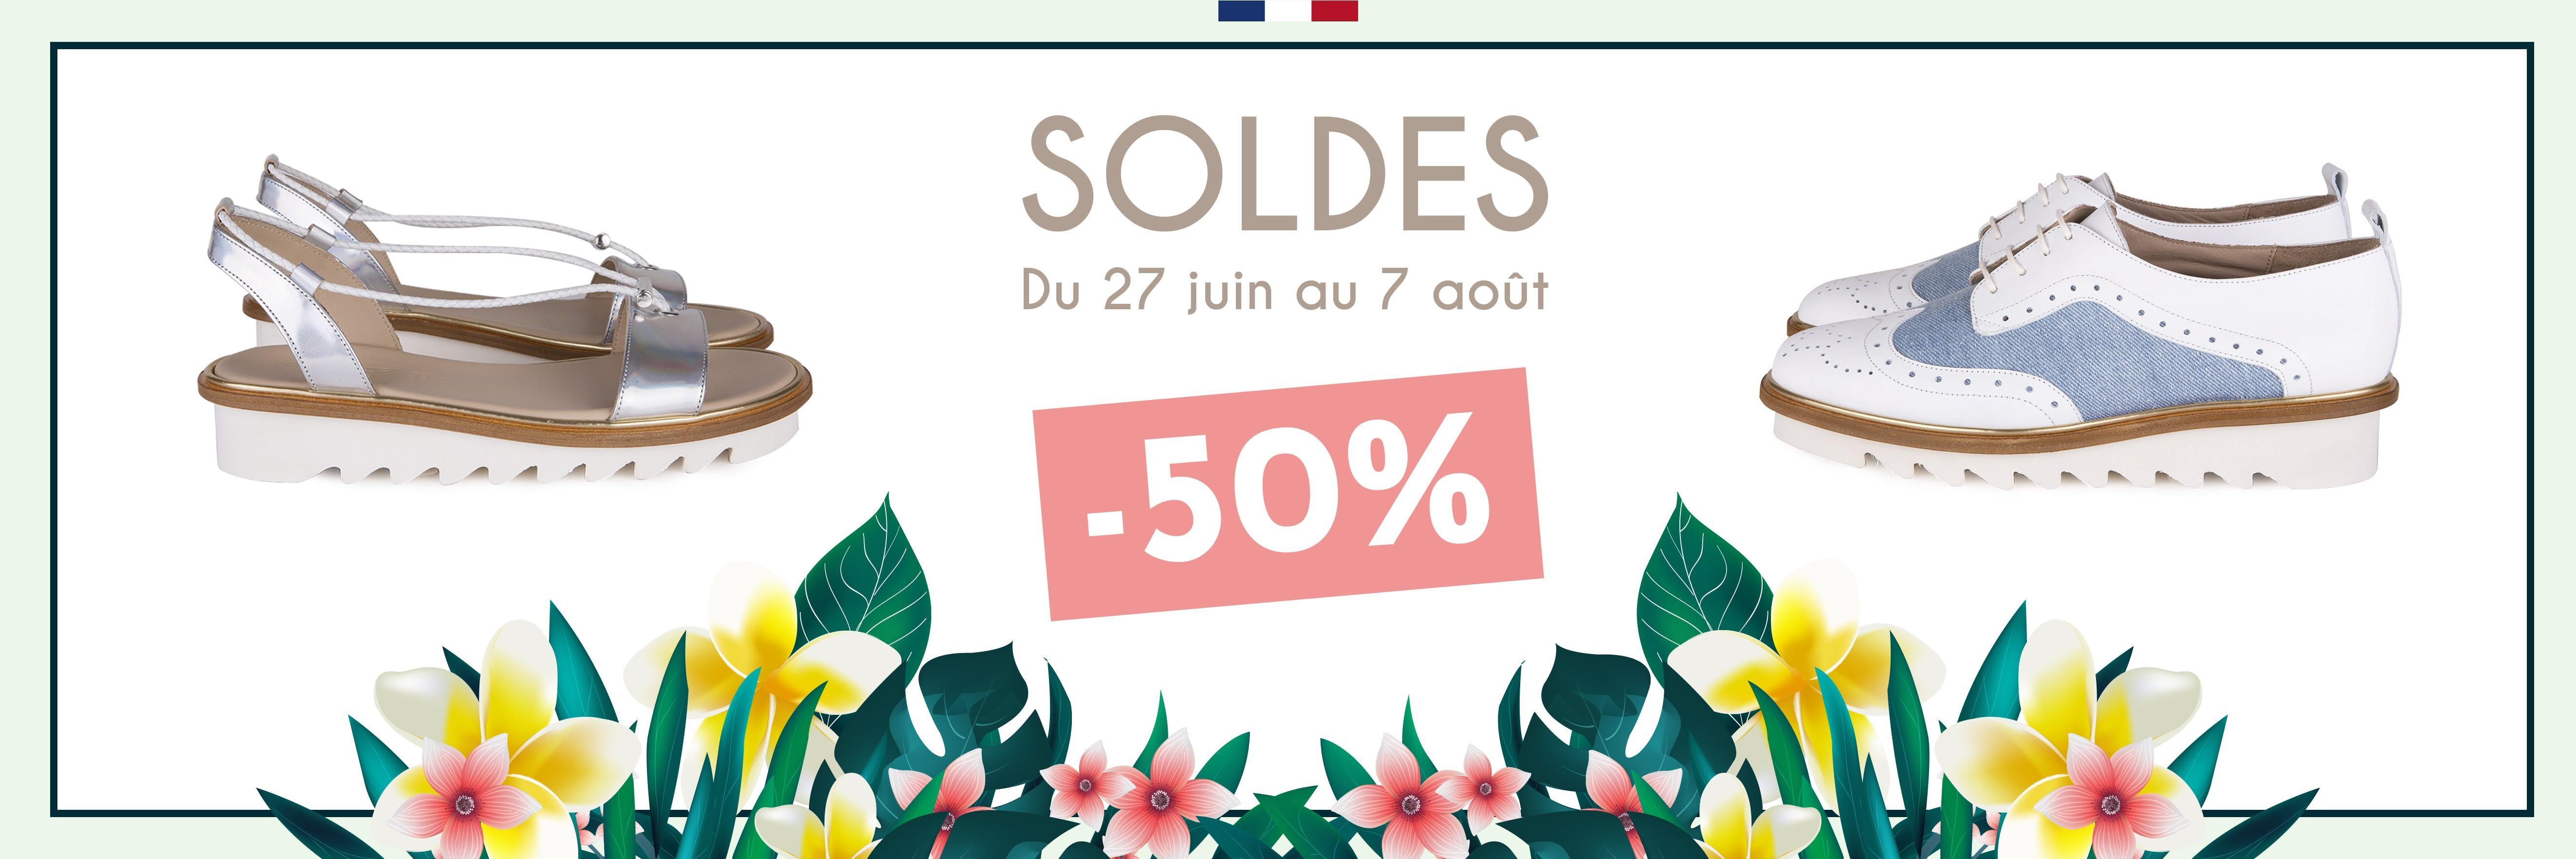 Soldes -50% du 27 juin au 7 août